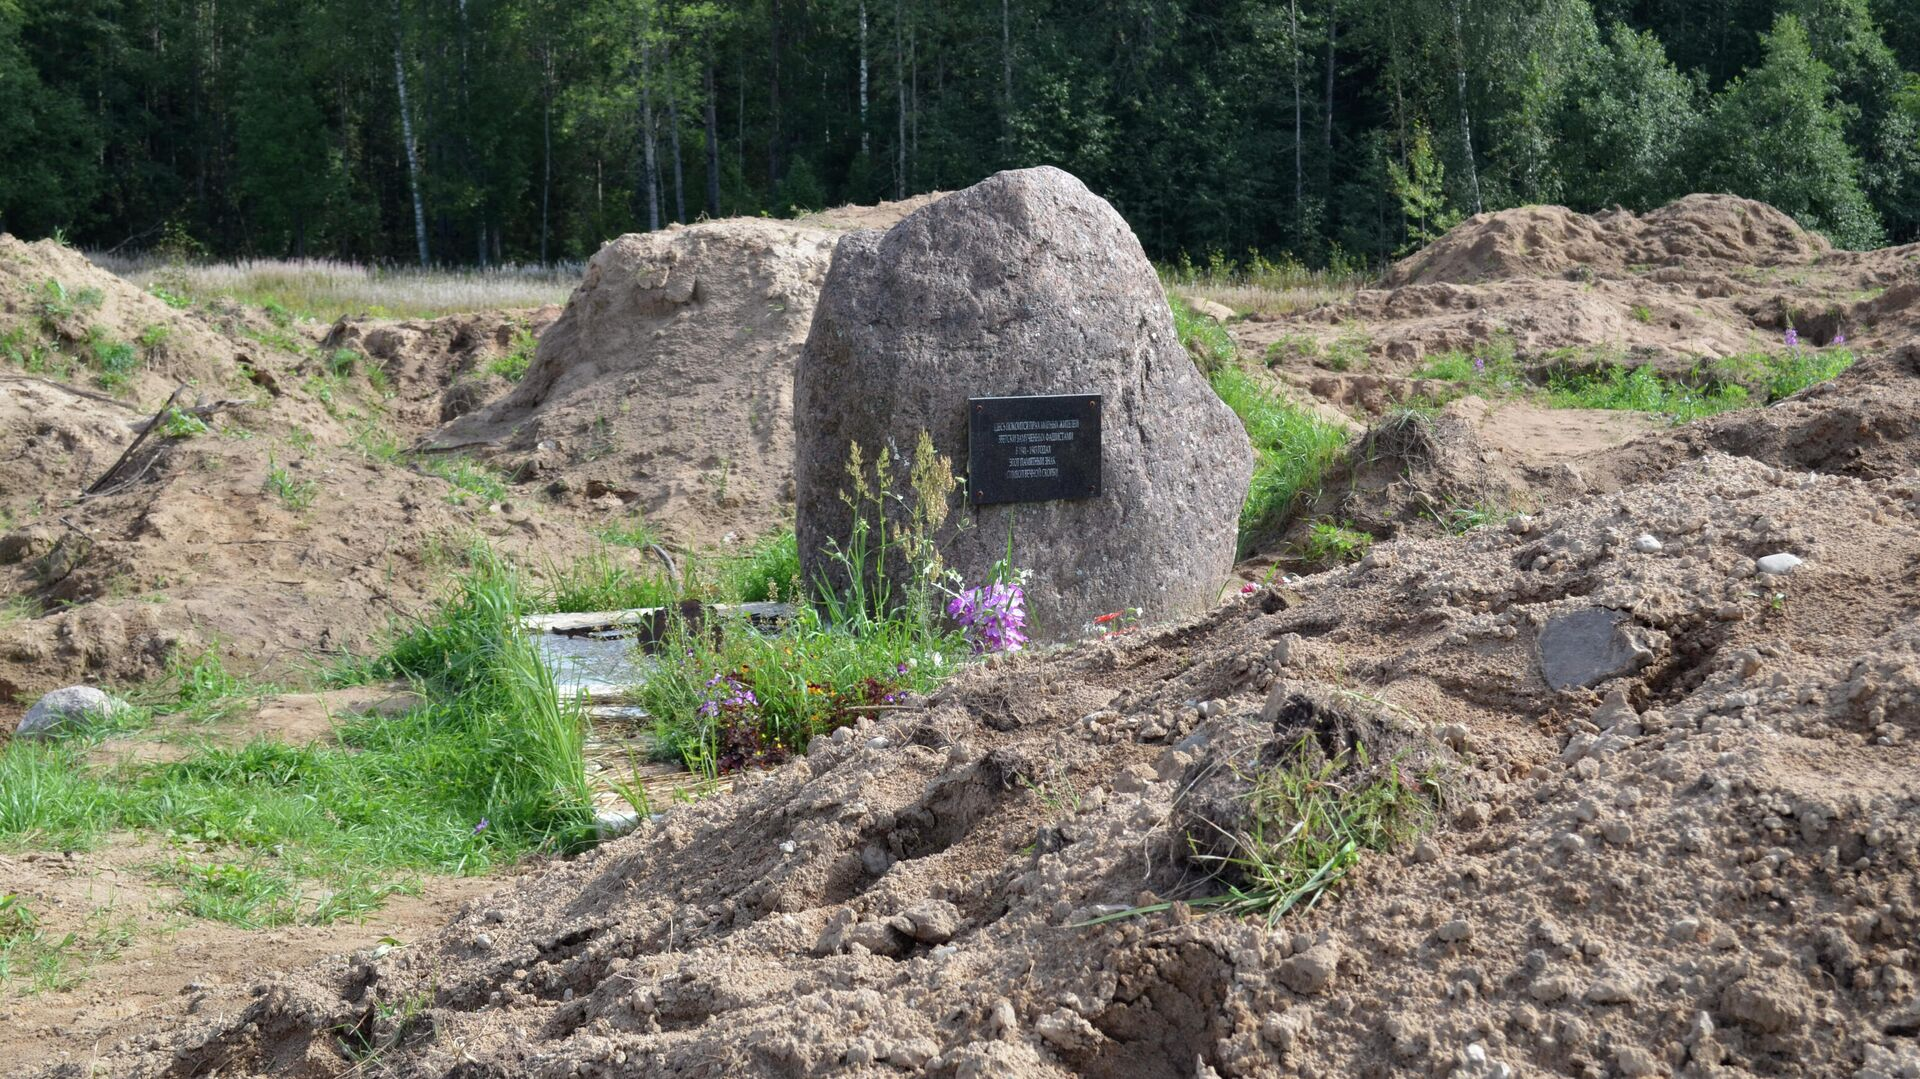 Место раскопок в районе деревни Жестяная Горка, где следователи обнаружили около 500 тел жертв латвийских карателей - РИА Новости, 1920, 14.10.2020